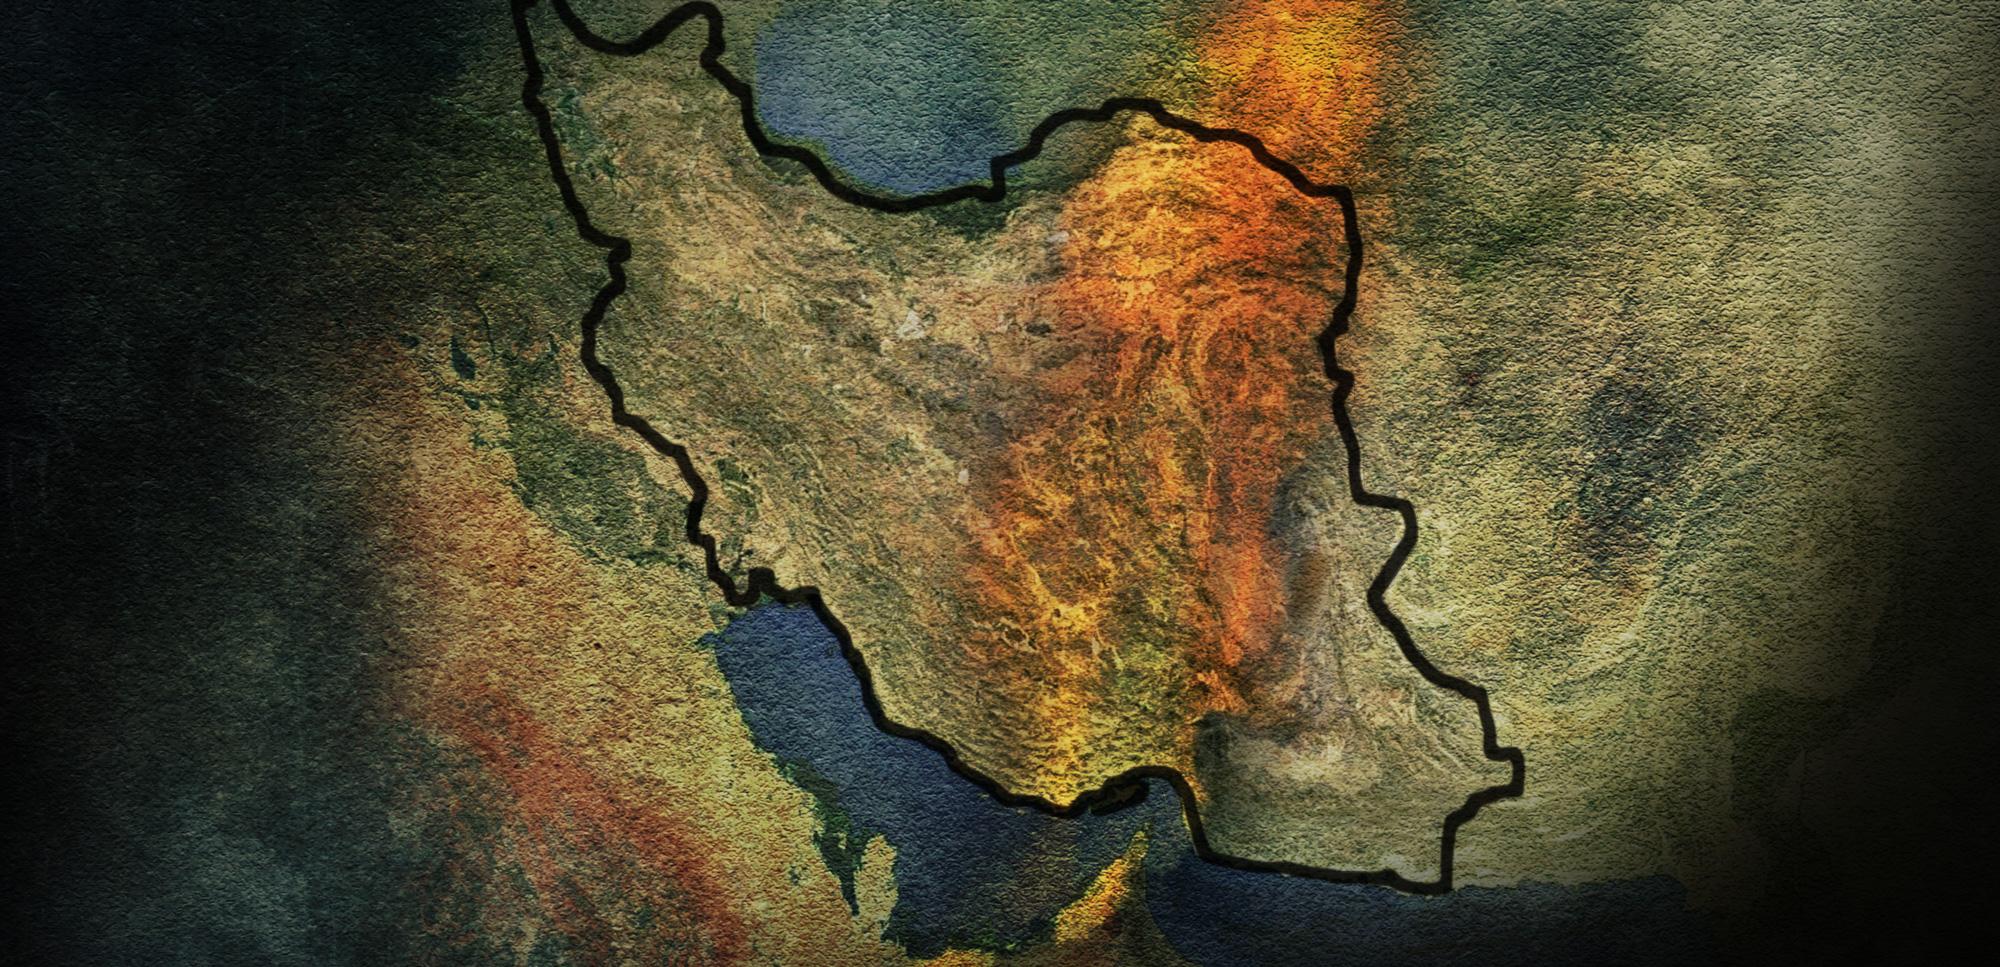 Am Sonntag könnte Donald Trump den Krieg gegen den Iran lostreten <br>  <span id='sec-title'>Das Modell für das 21. Jahrhundert ist und bleibt: Mehr Diplomatie wagen</span>